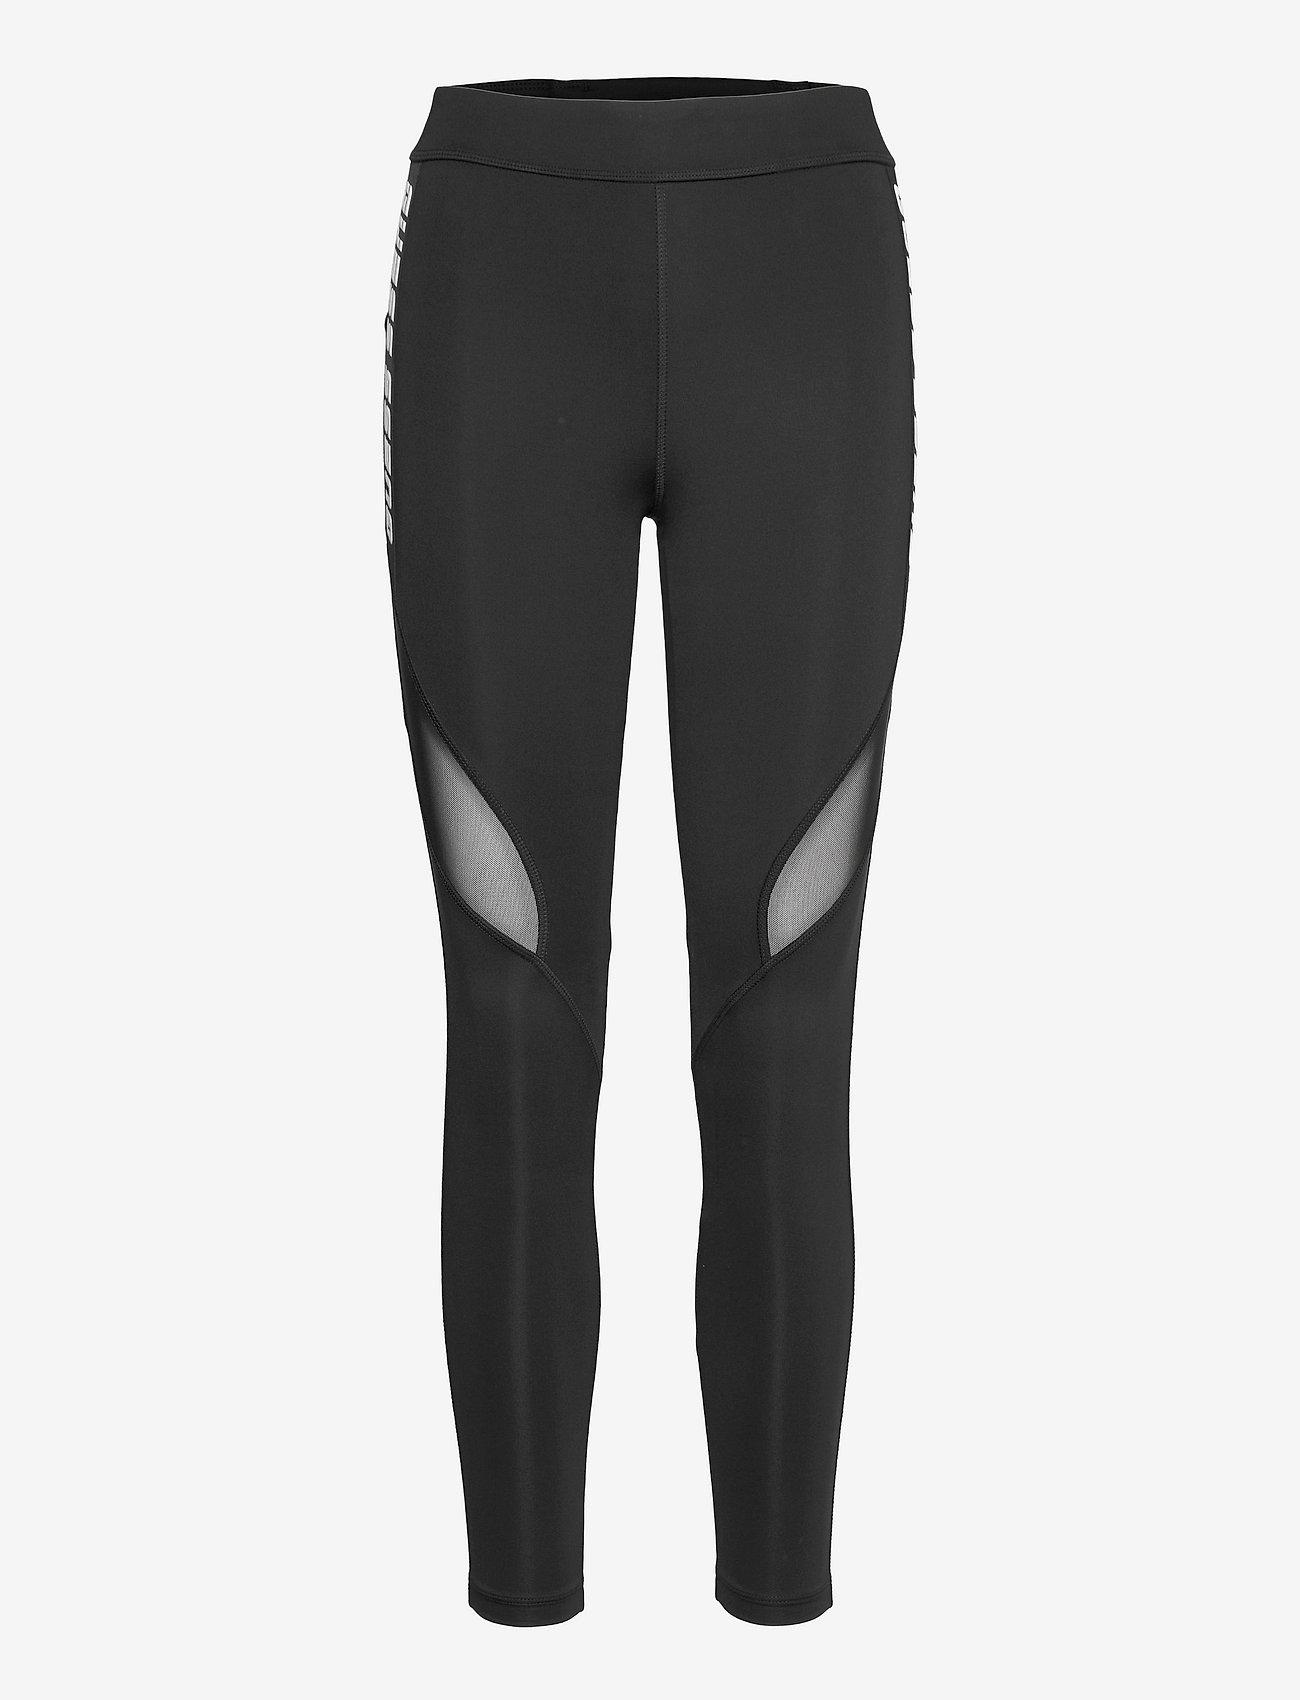 Guess Activewear - ANGELICA LEGGINGS 4/4 - löpnings- och träningstights - jet black a996 - 0